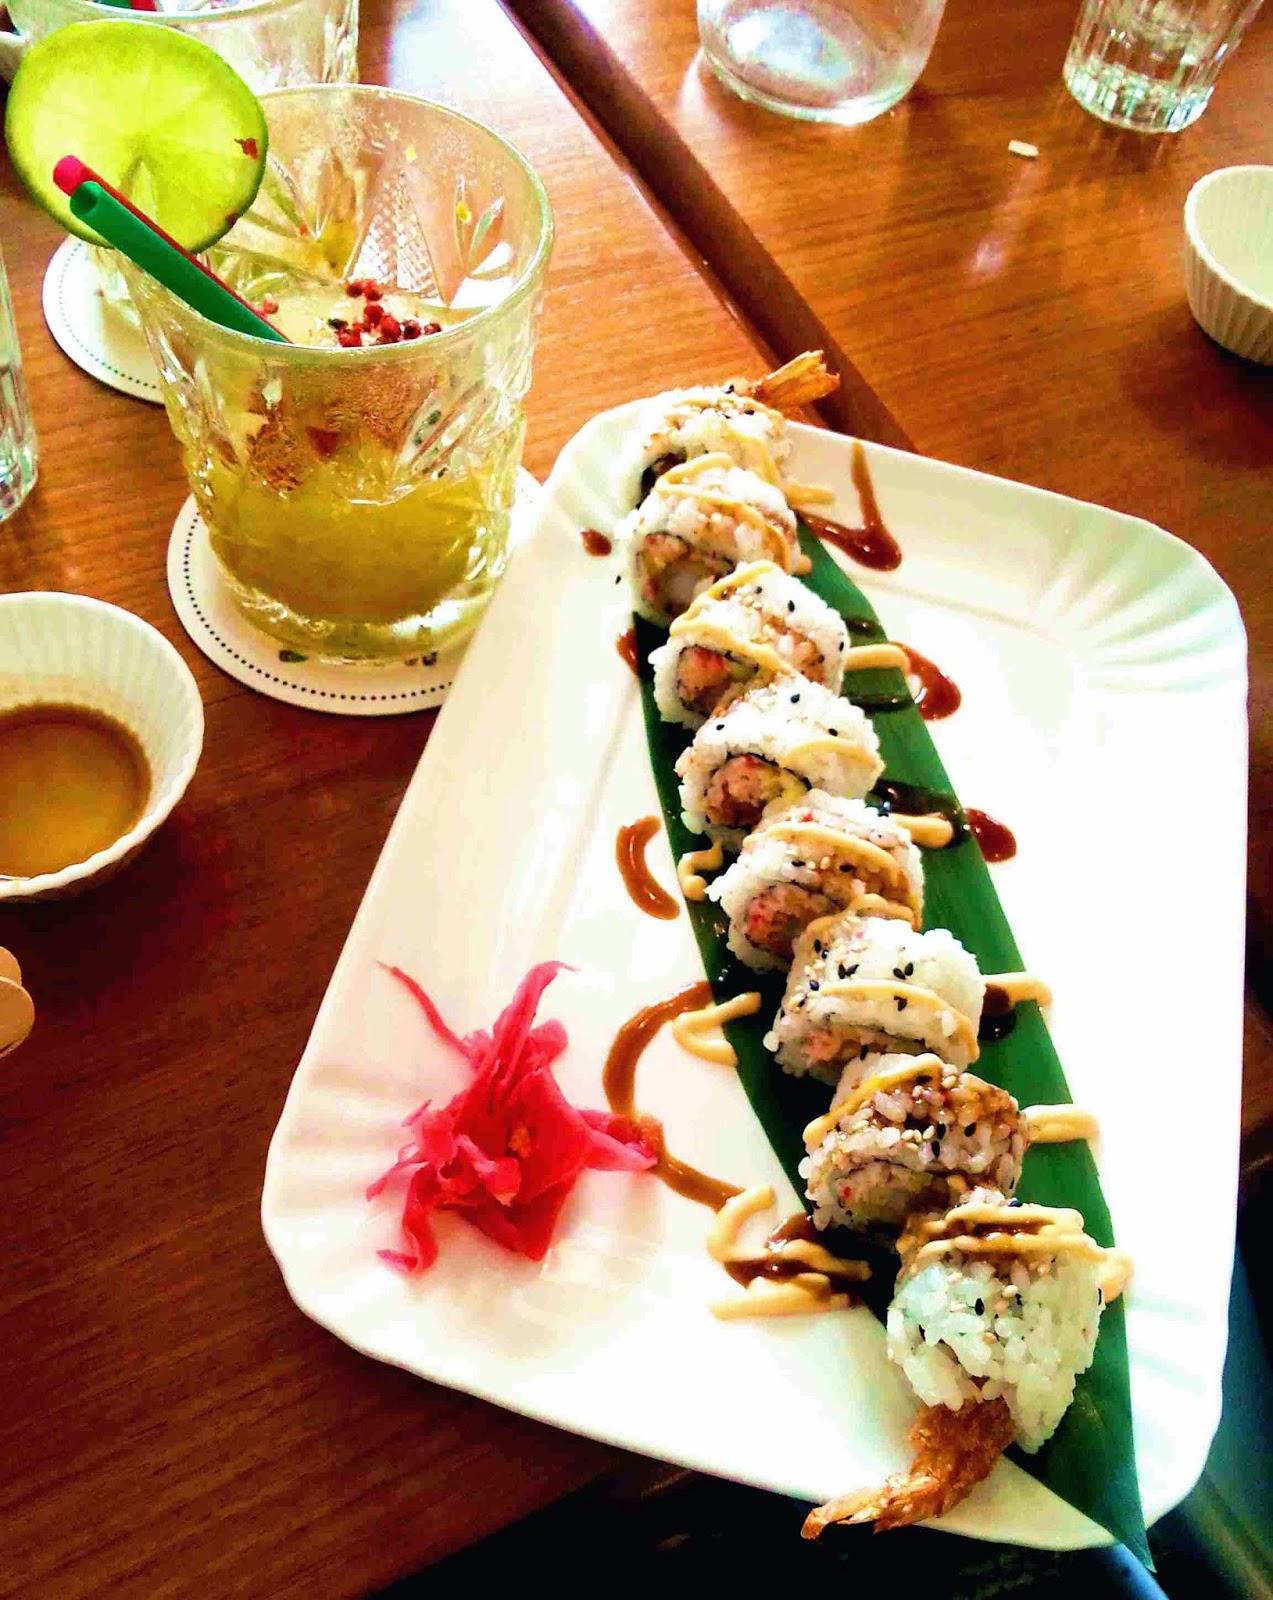 Sabato scorso con il mio fidanzato e alcuni amici ho deciso di andare al ristorante Temakinho che fa un mix di cucina giapponese e brasiliana